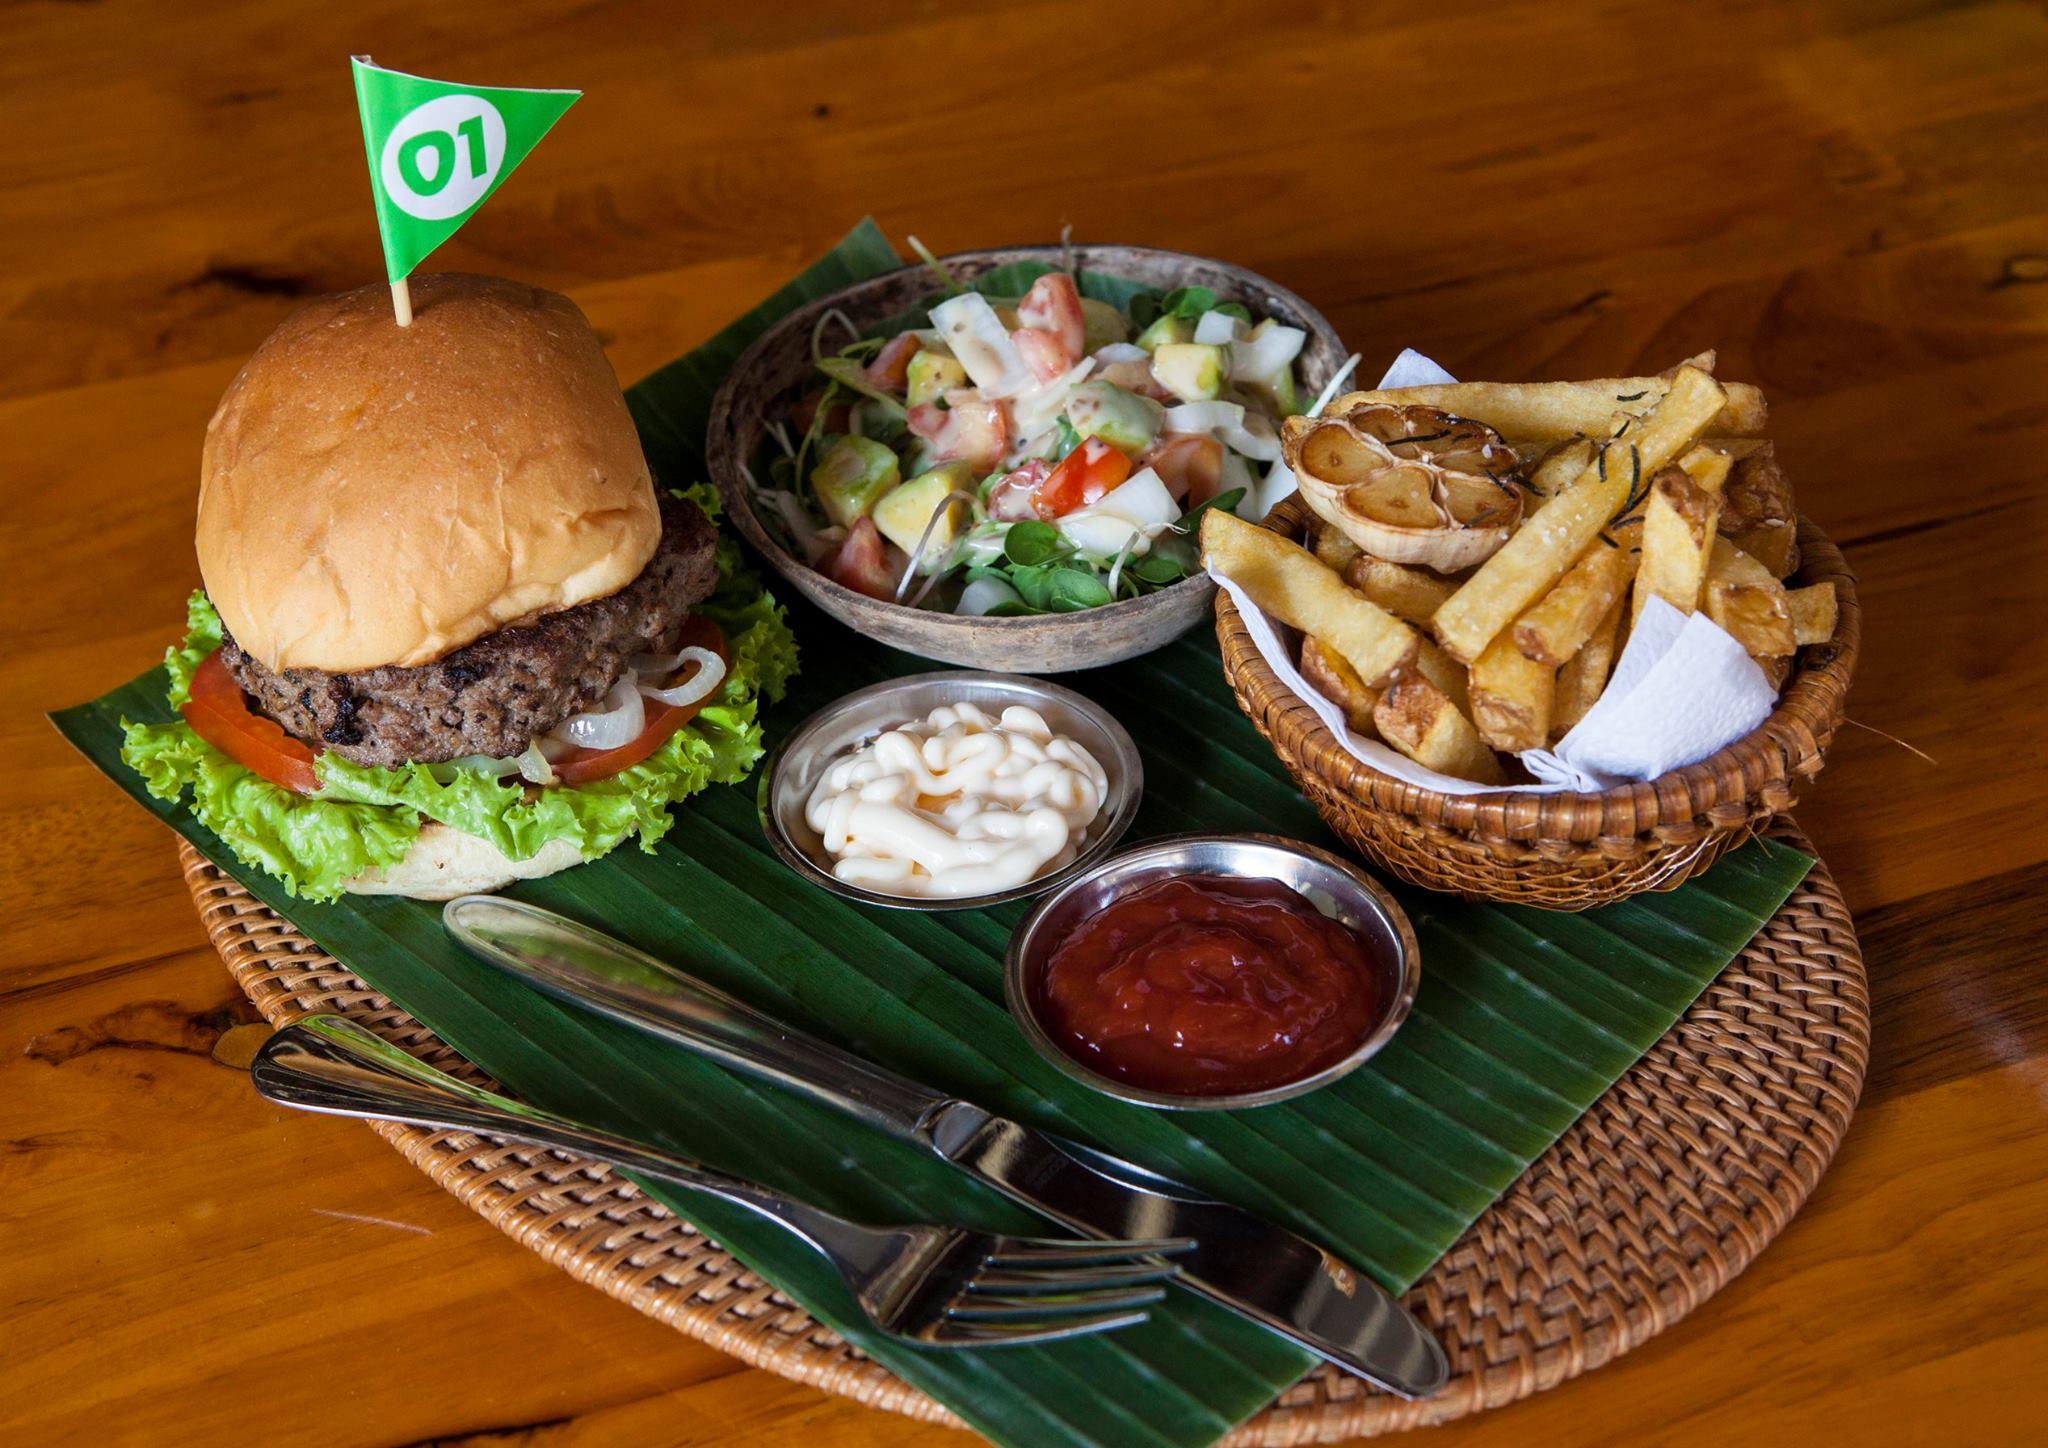 burger, fries and salad at Chef Burger